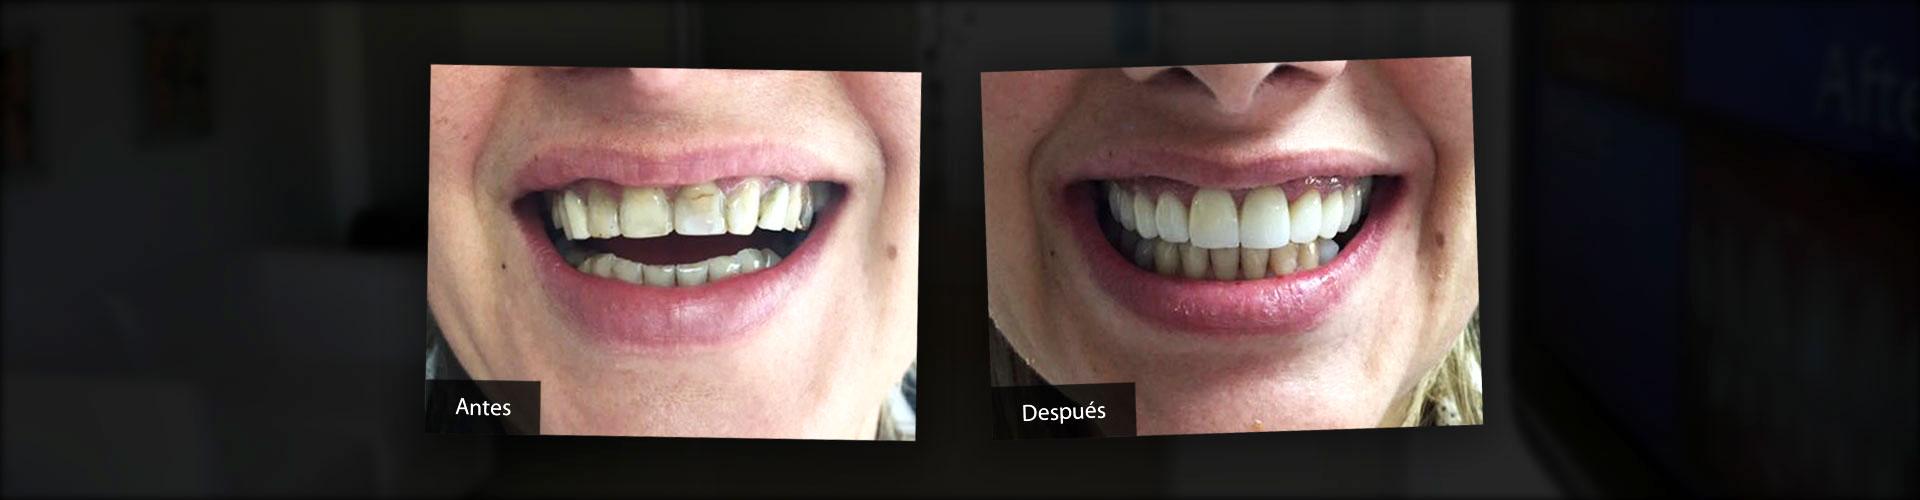 Estética Dental - Antes y Después